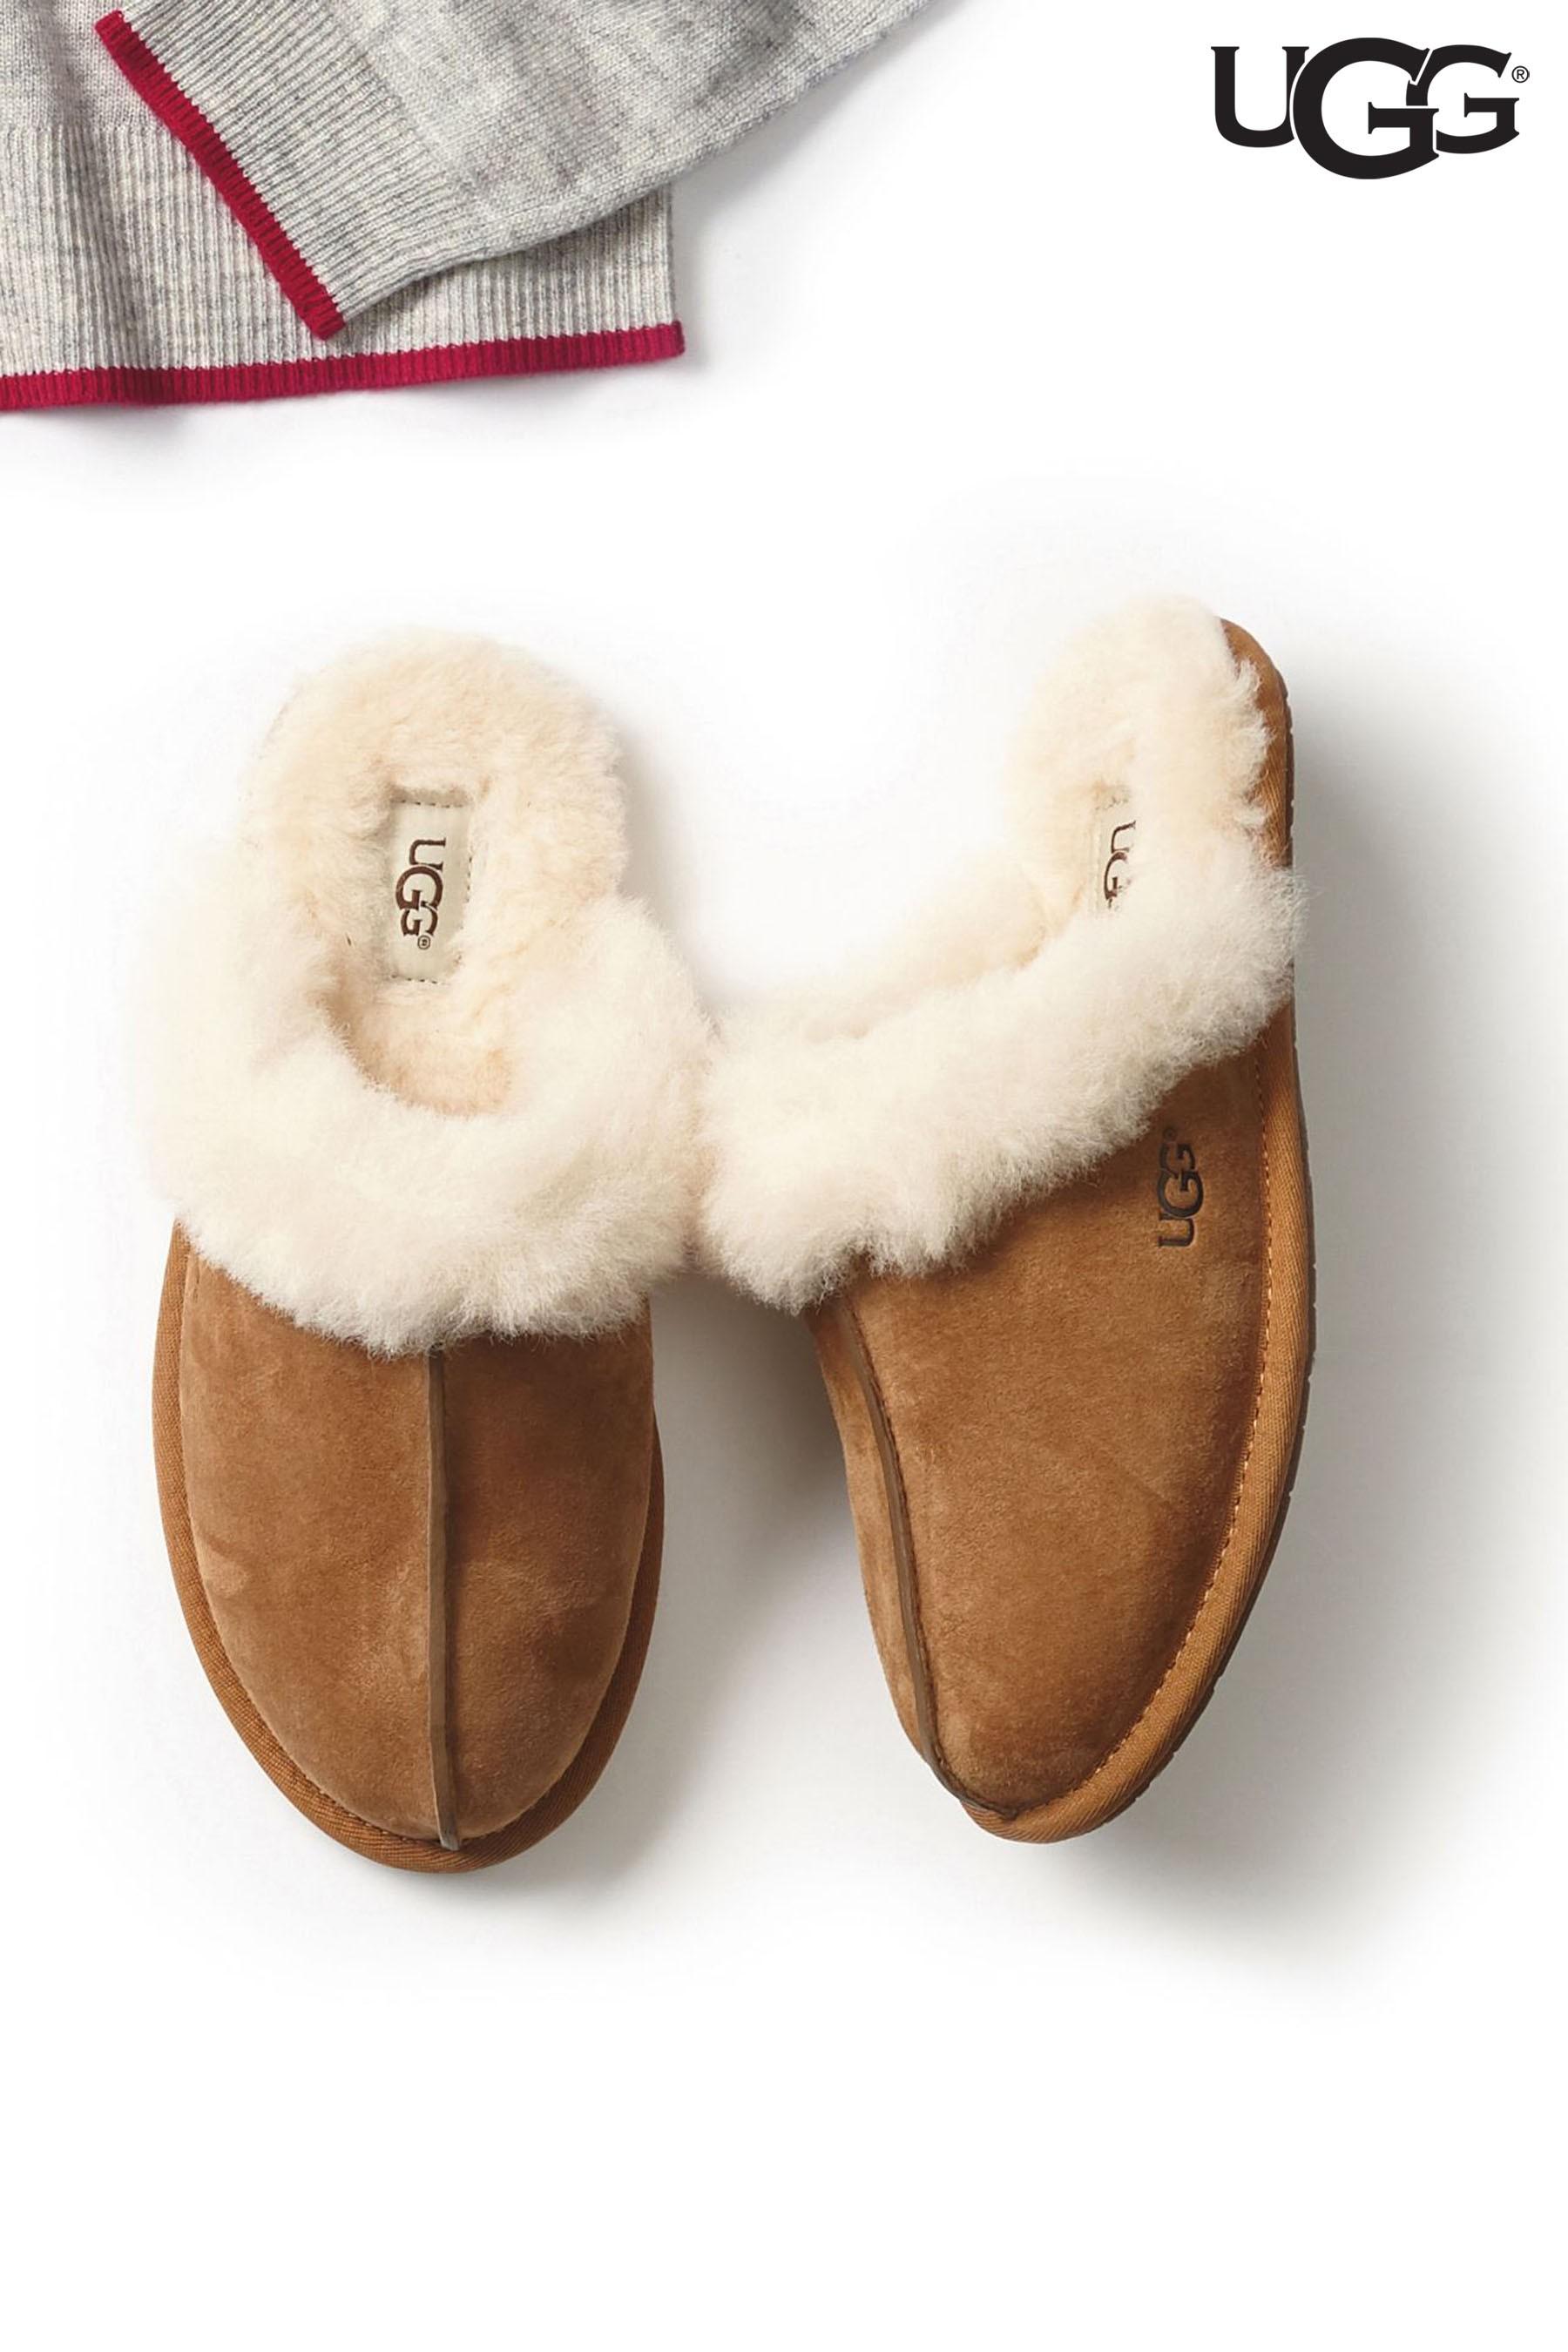 1da16c75b60 Womens UGG Chestnut Scuffette Slipper - Brown | Products | Chestnut ...